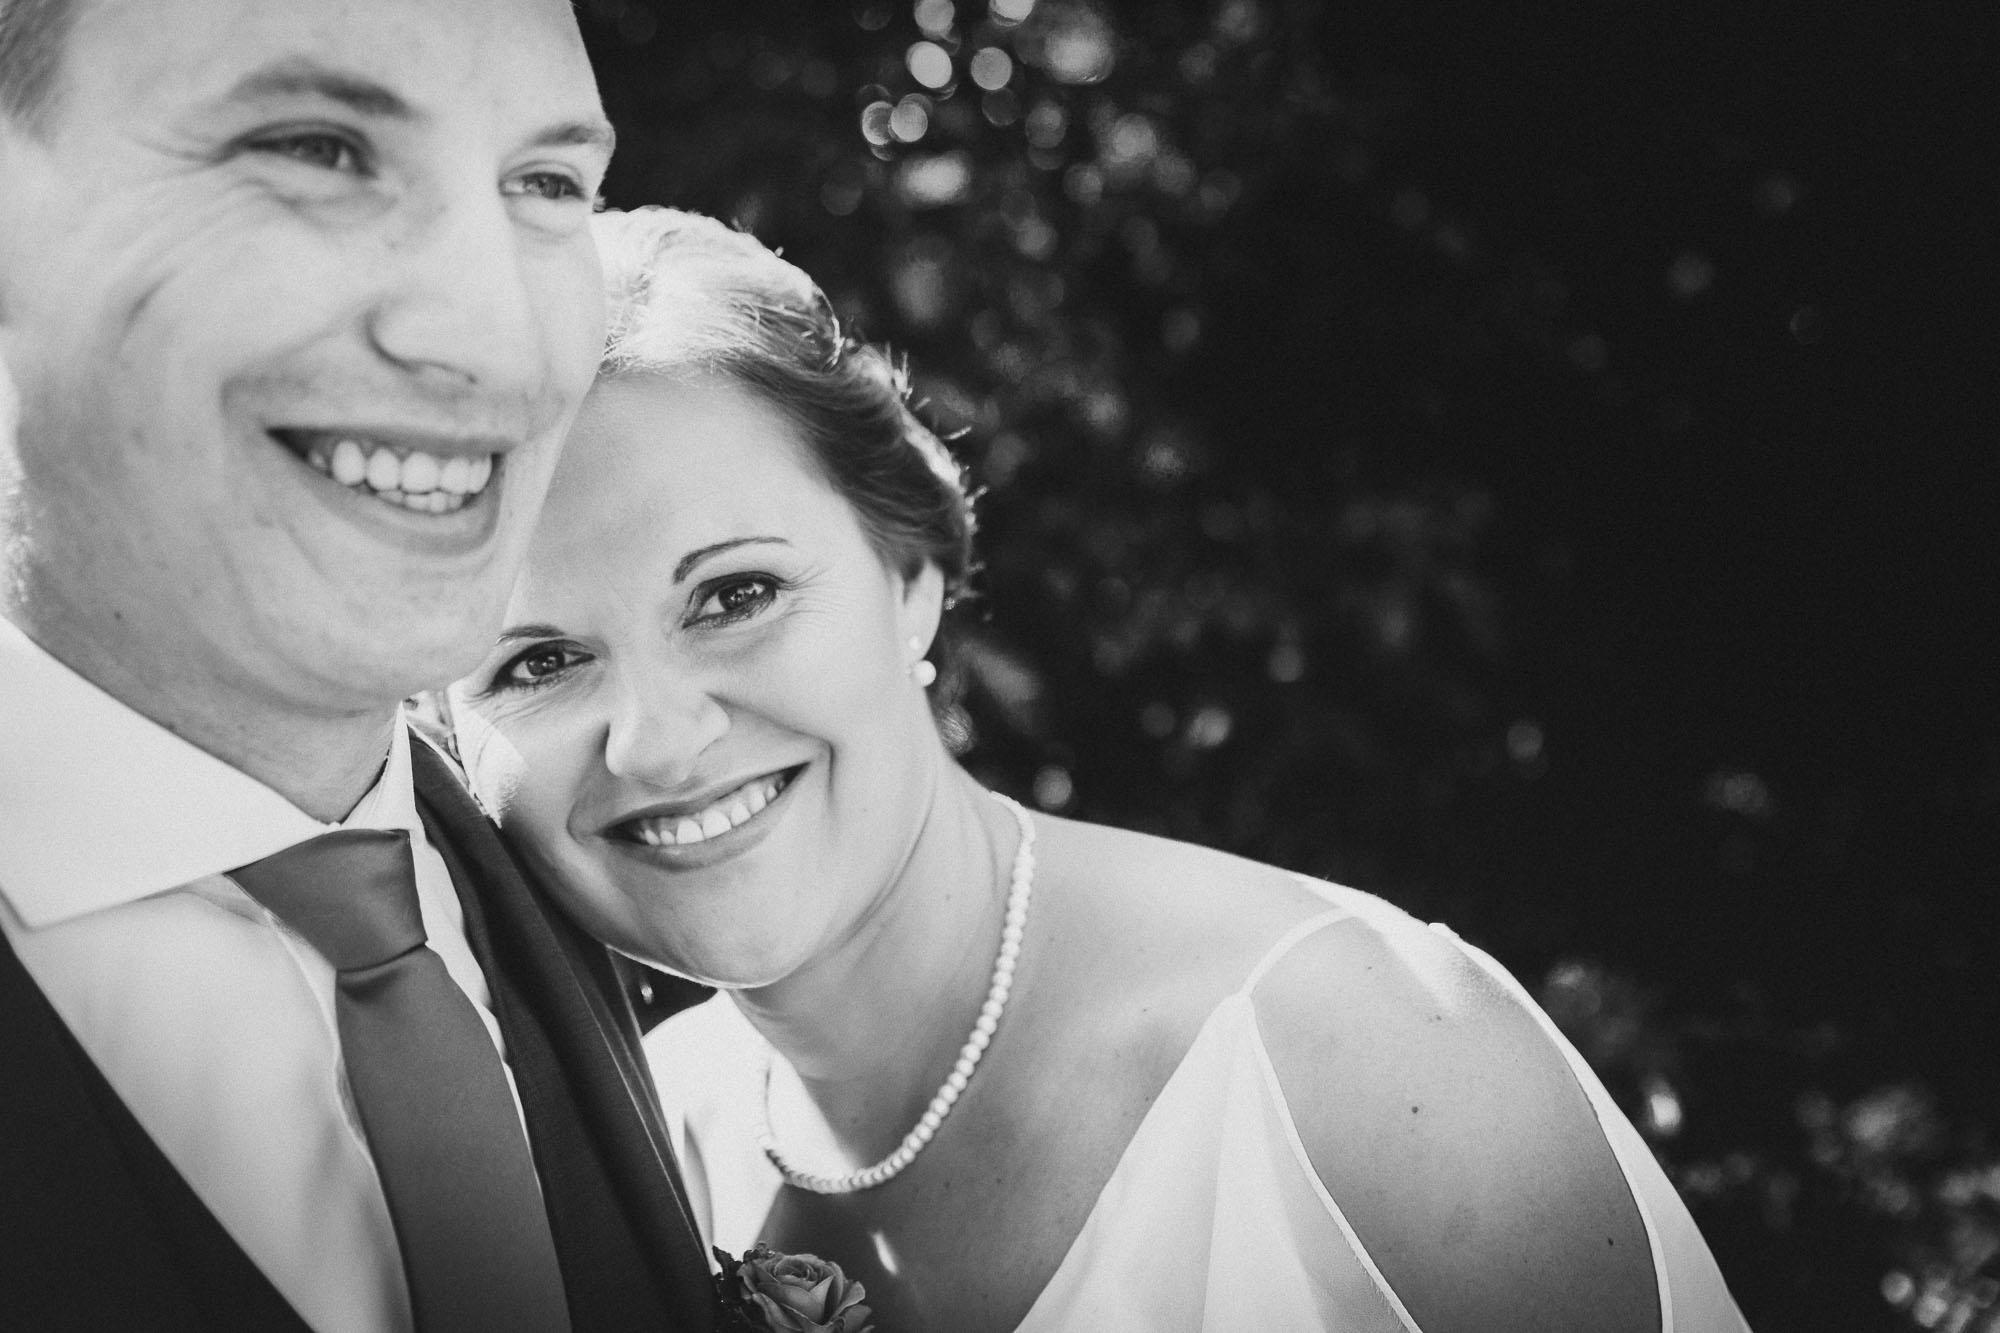 Hochzeitsreportage-Crailsheim-Krystina-Stefan-16